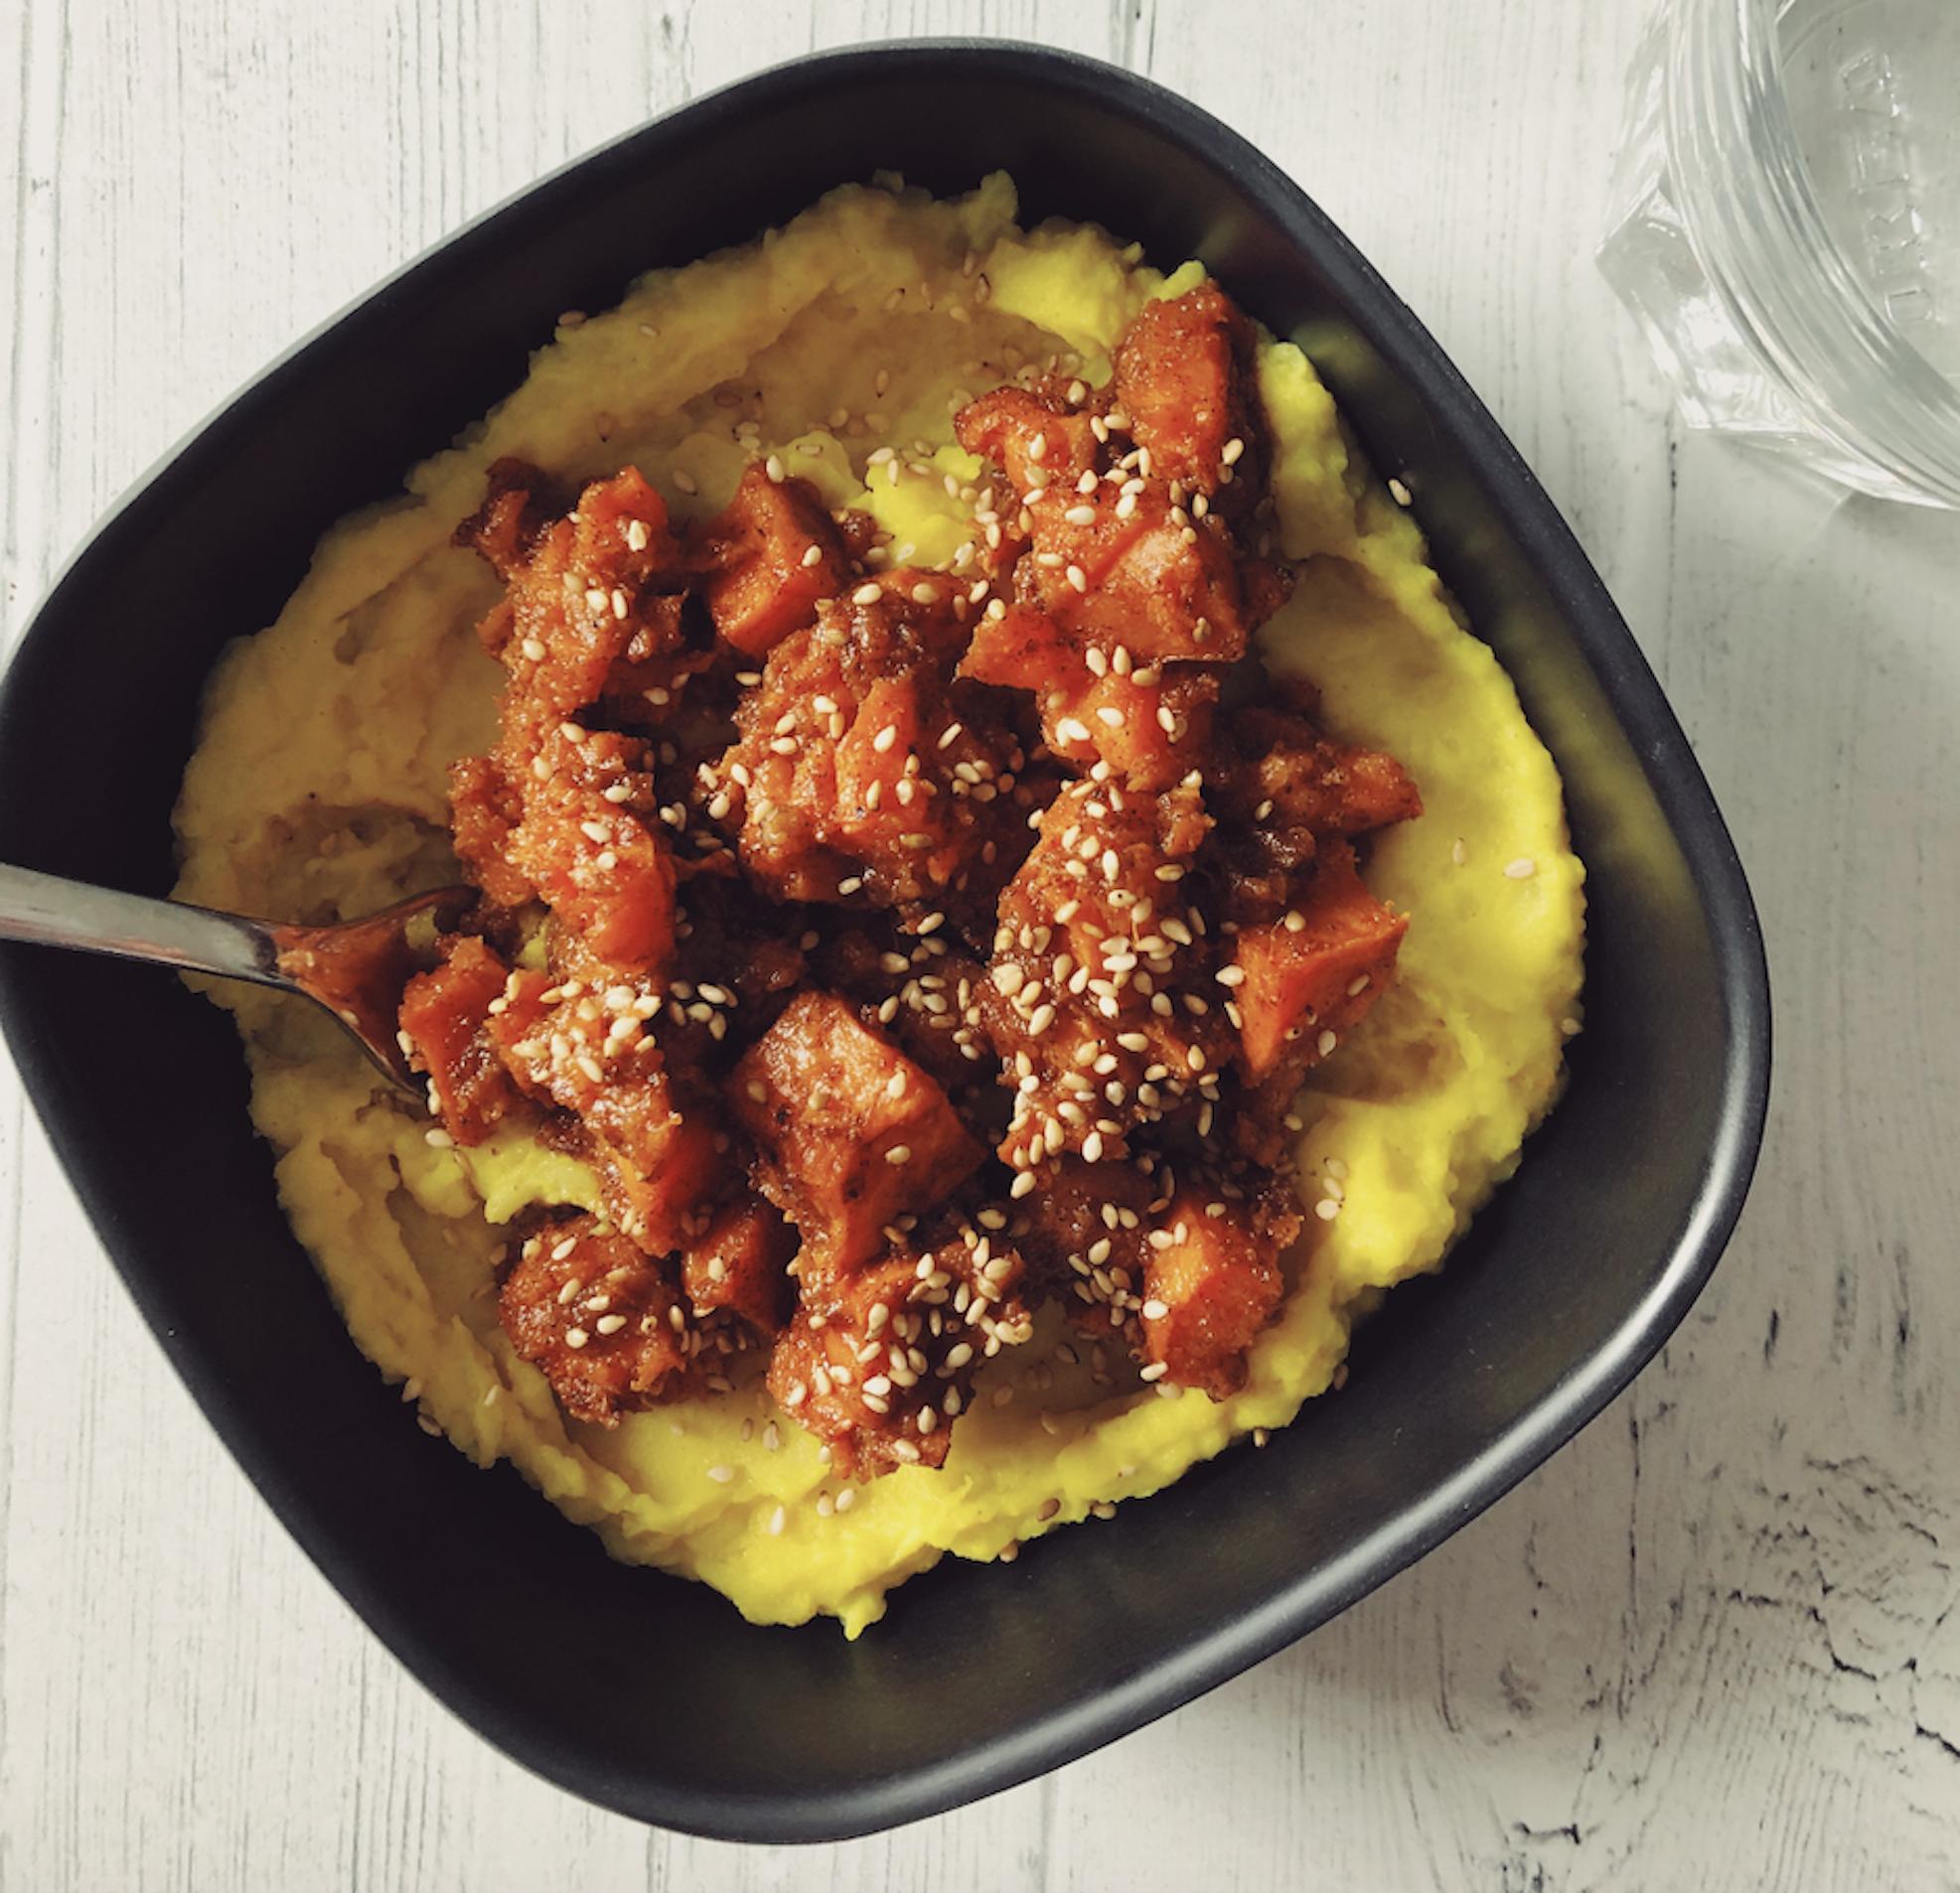 purée-choufleur-patates-douces-curcuma-nourish-paris-recette